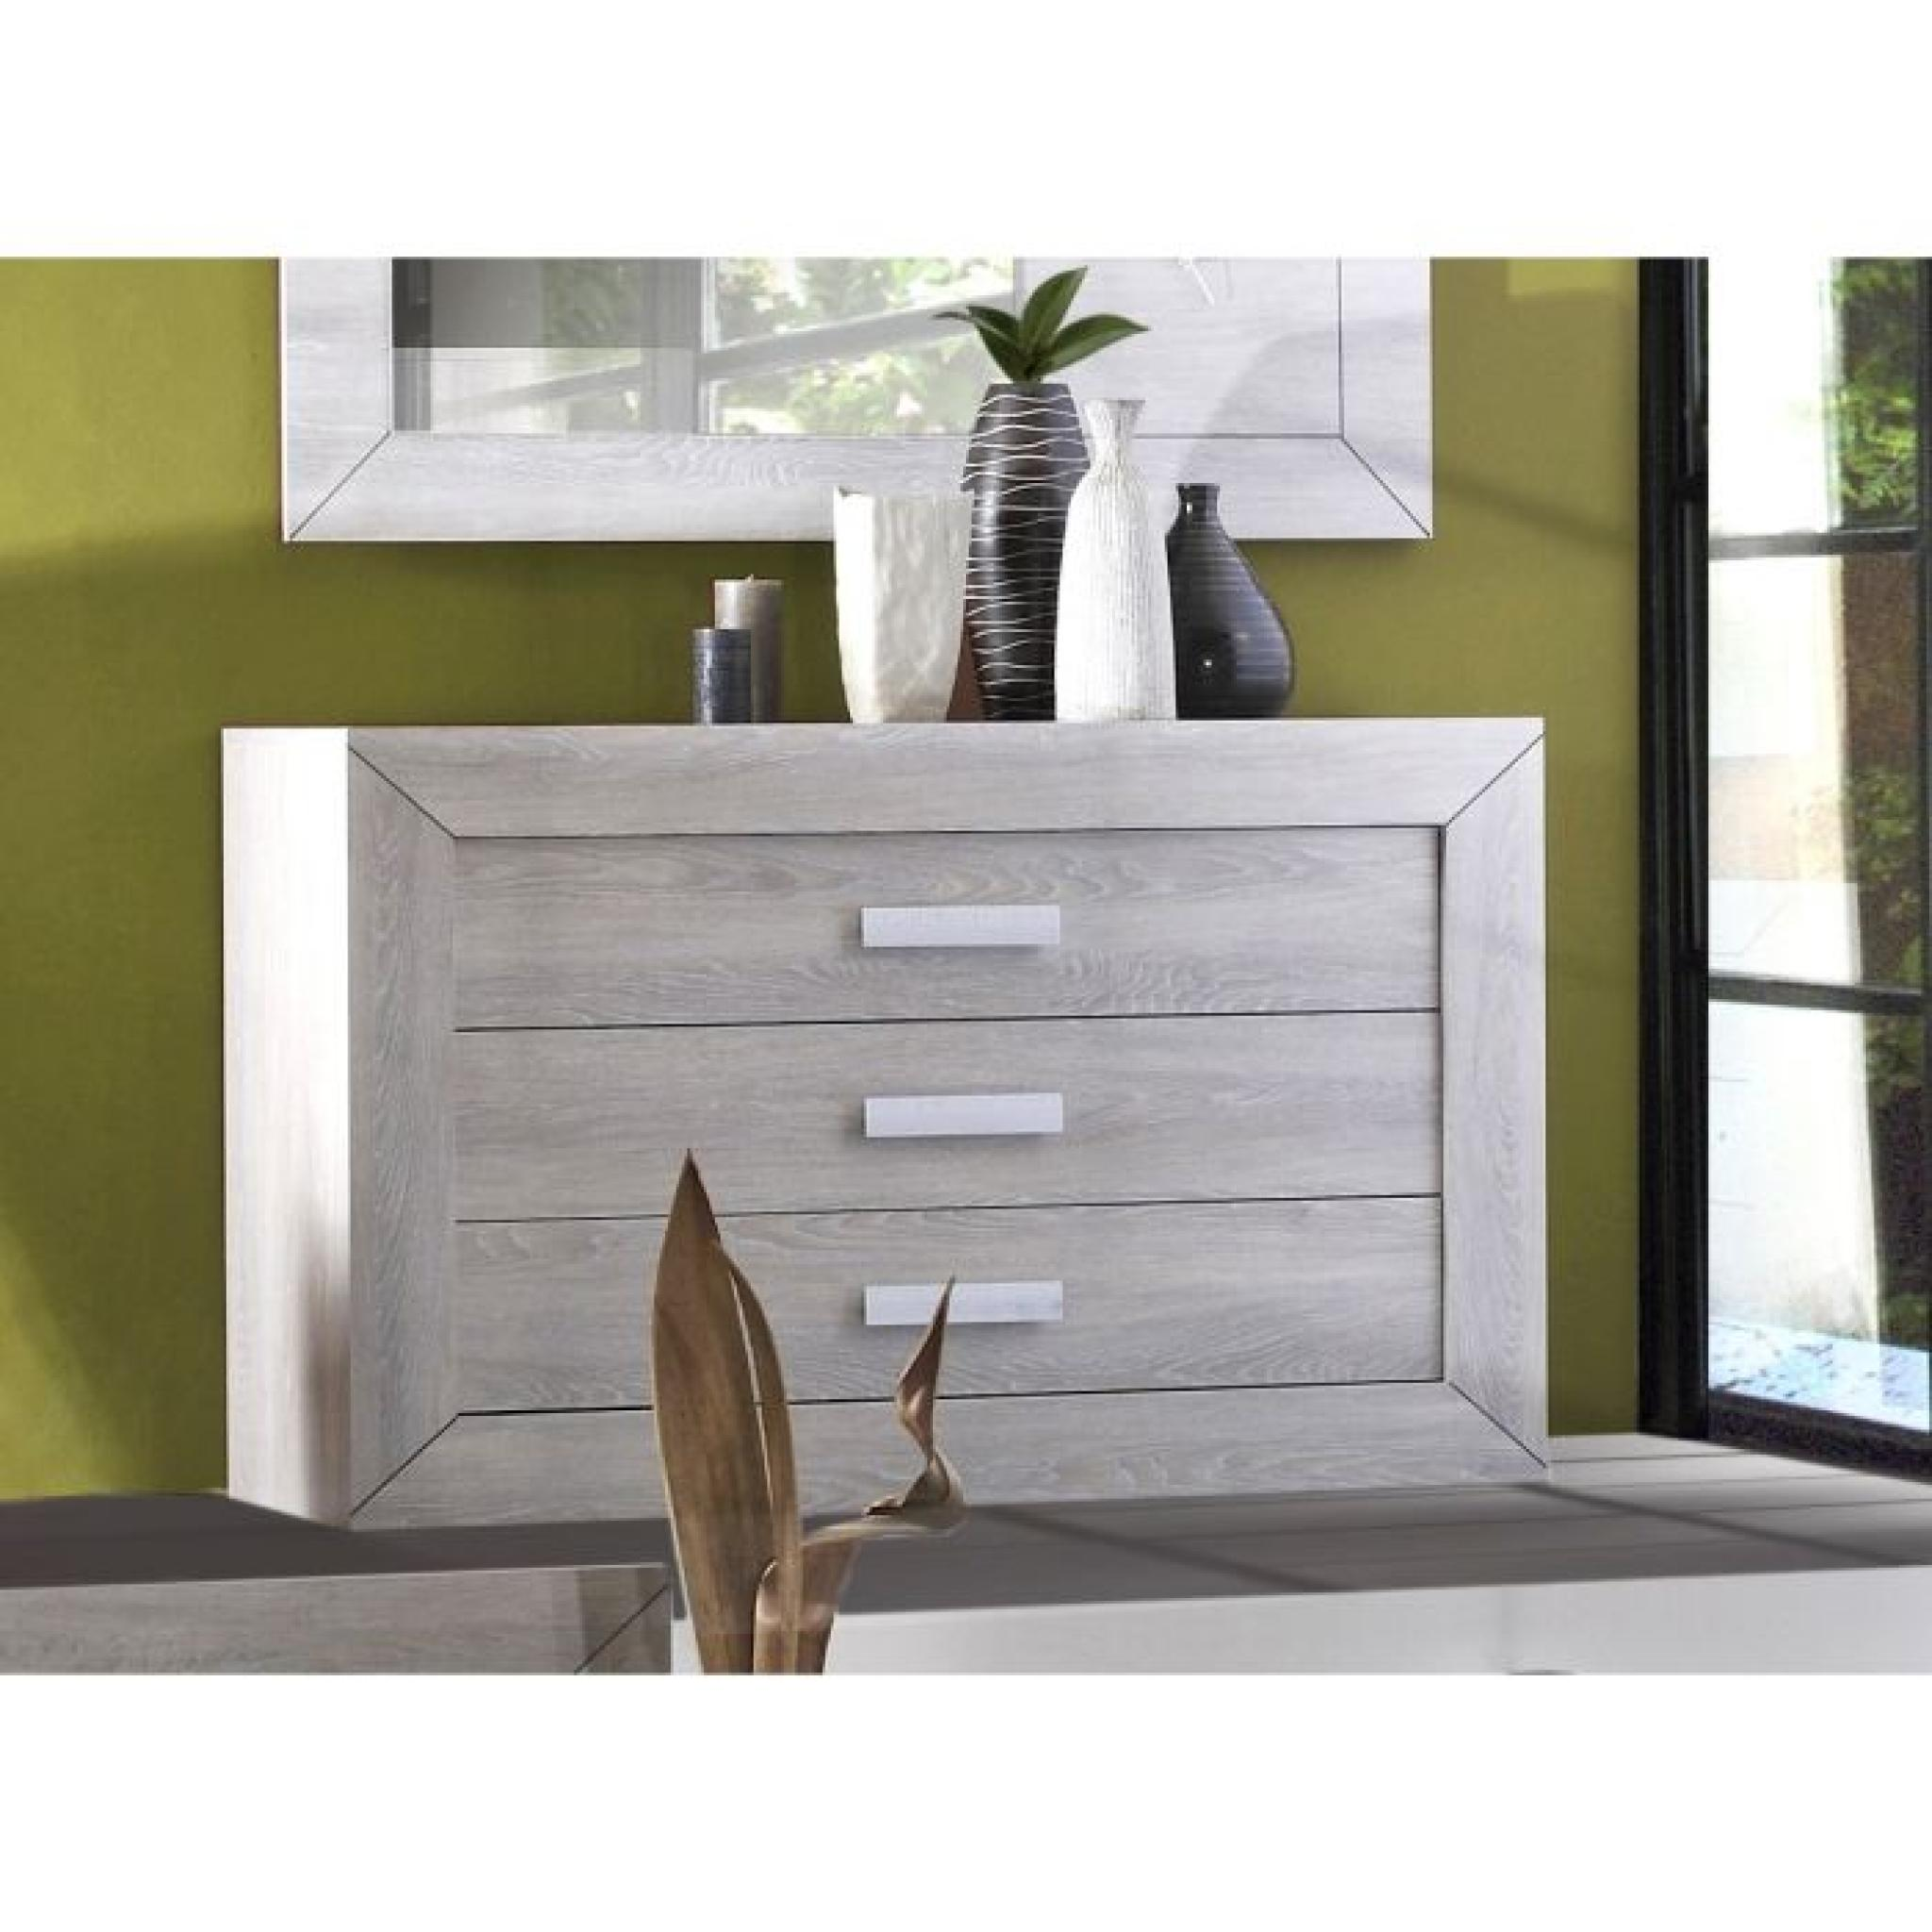 lumeo commode 3 tiroirs 130cm ch ne gris clair achat vente commode pas cher couleur et. Black Bedroom Furniture Sets. Home Design Ideas